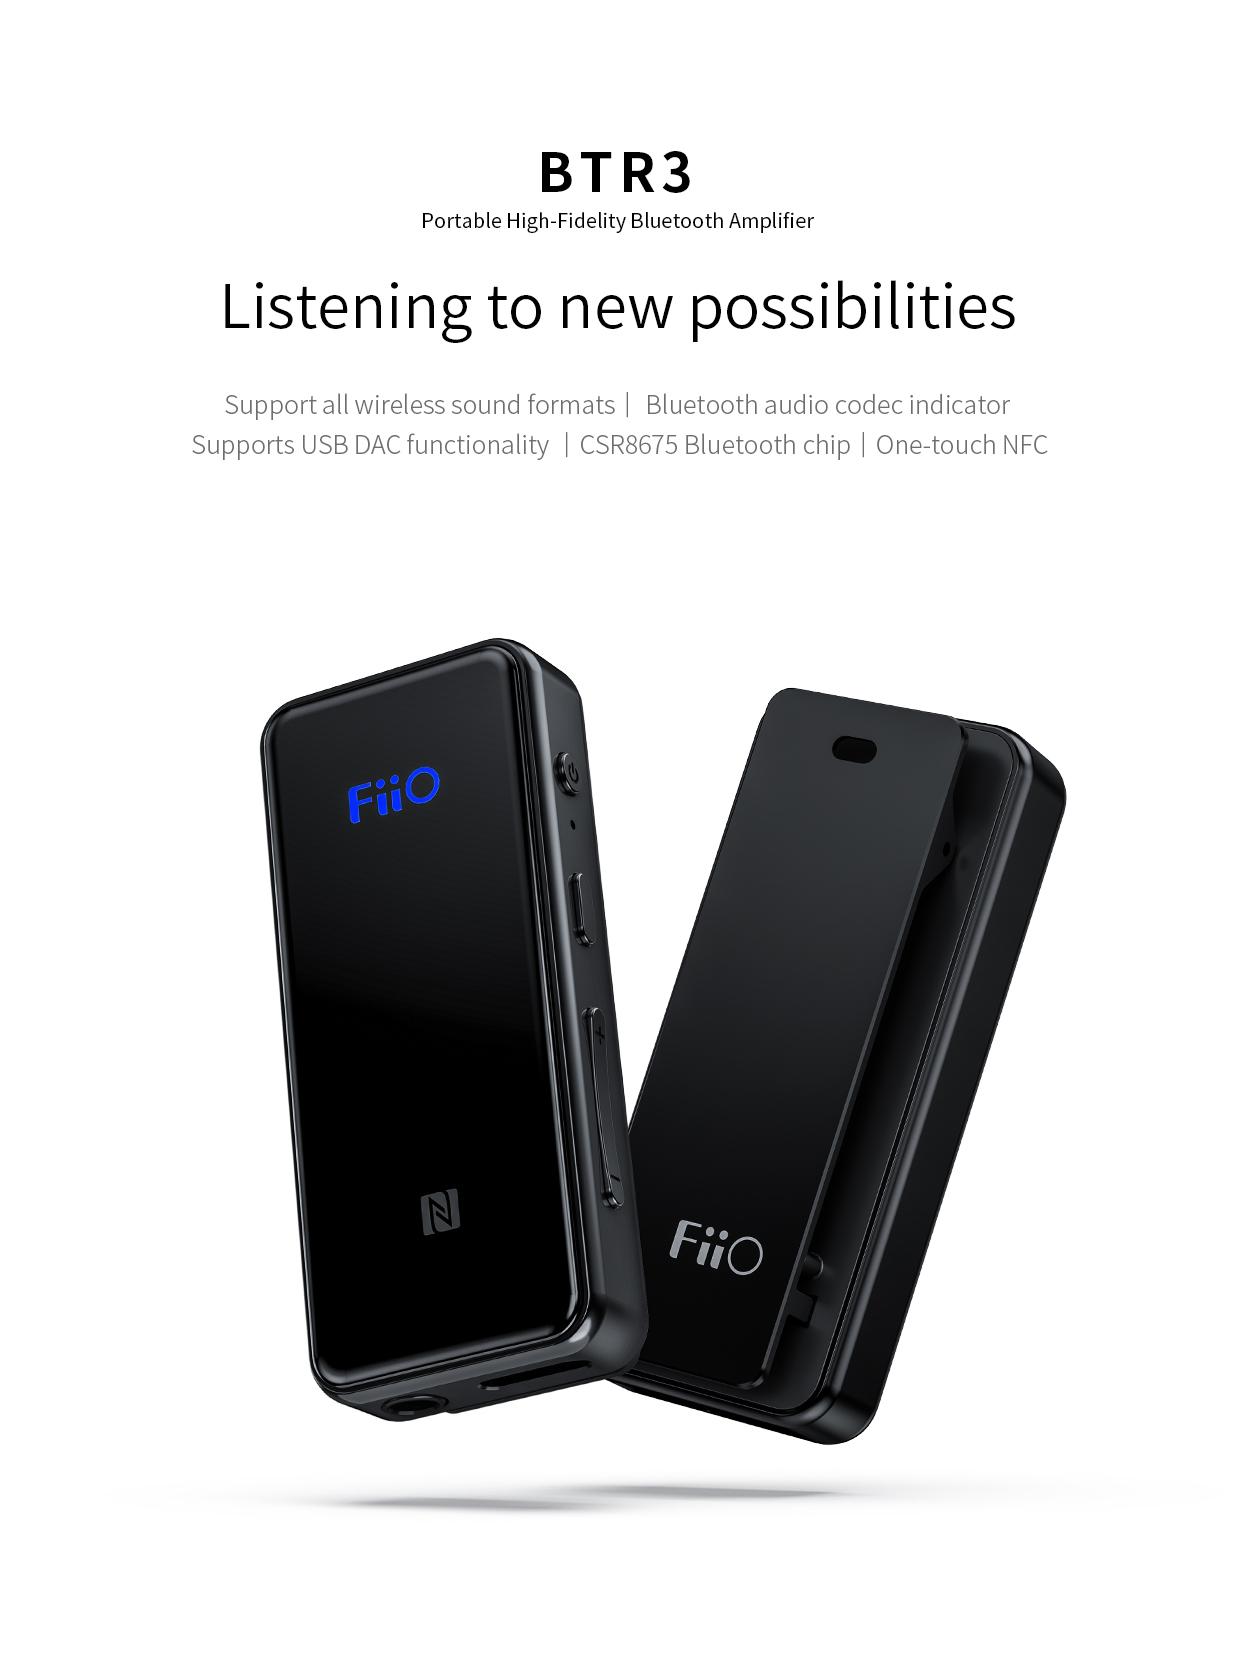 304118a7dd8 FiiO BTR3 | Headphone Reviews and Discussion - Head-Fi.org